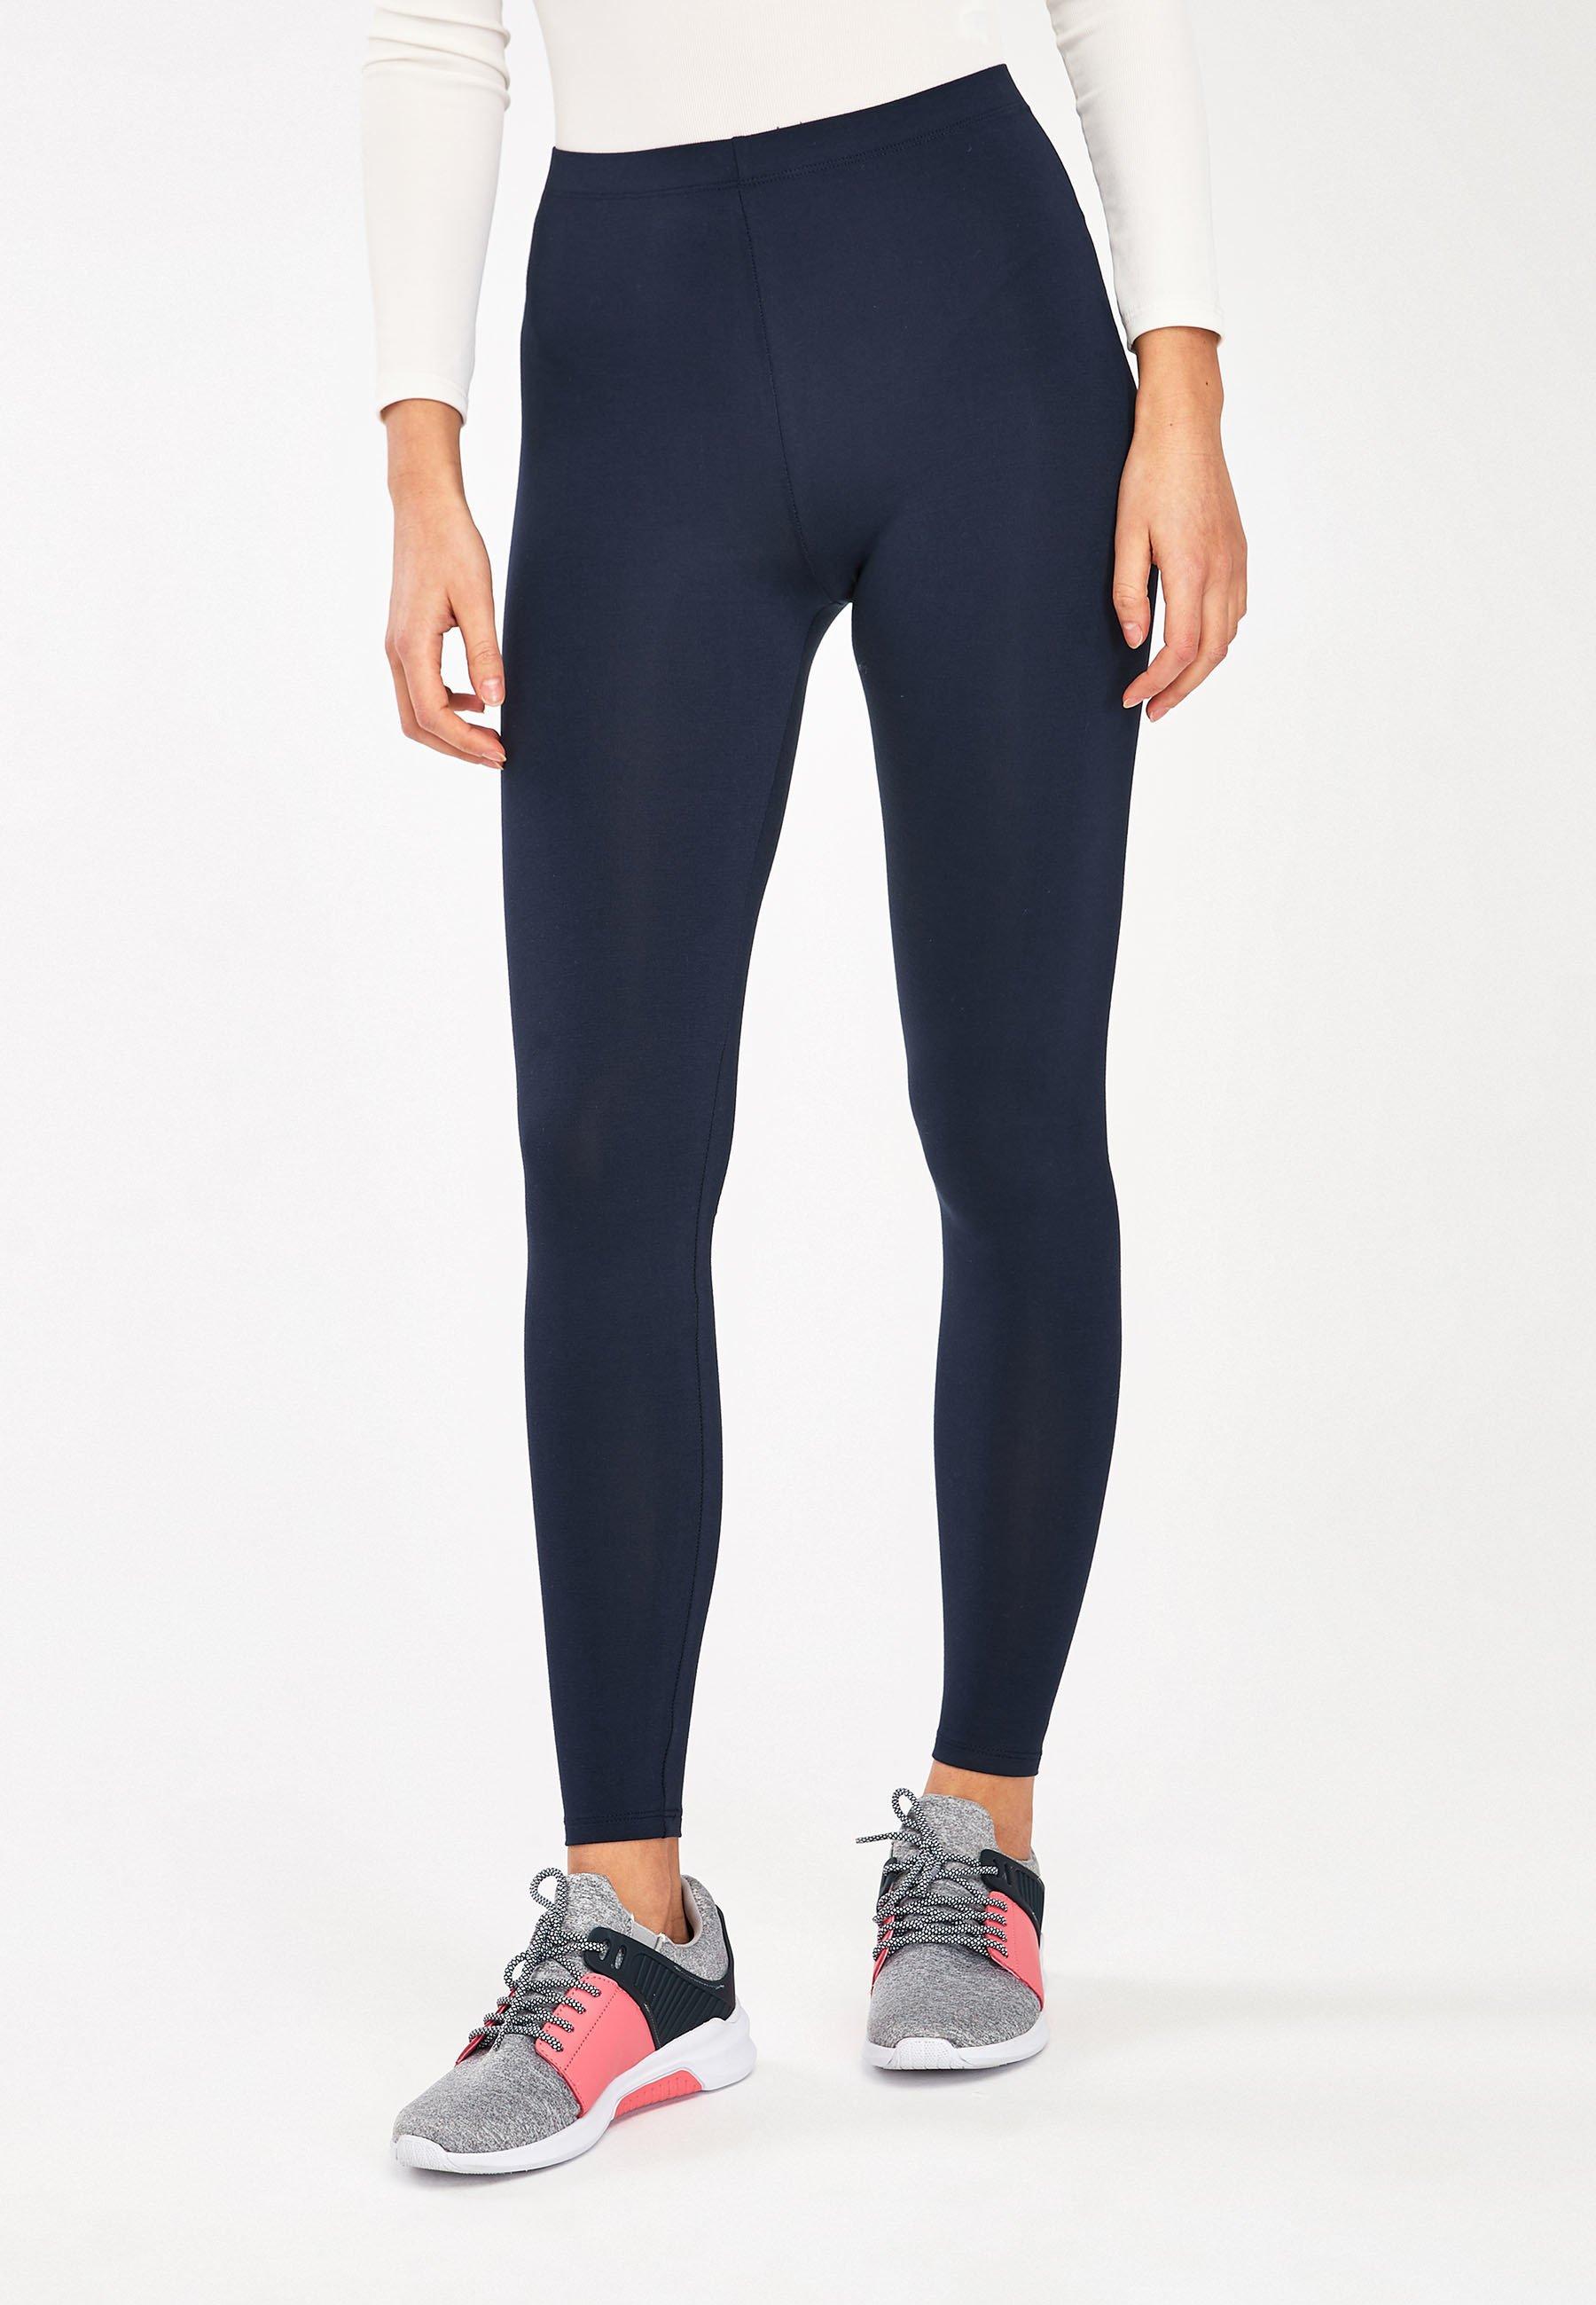 Damen FULL LENGTH LEGGINGS - Leggings - Hosen